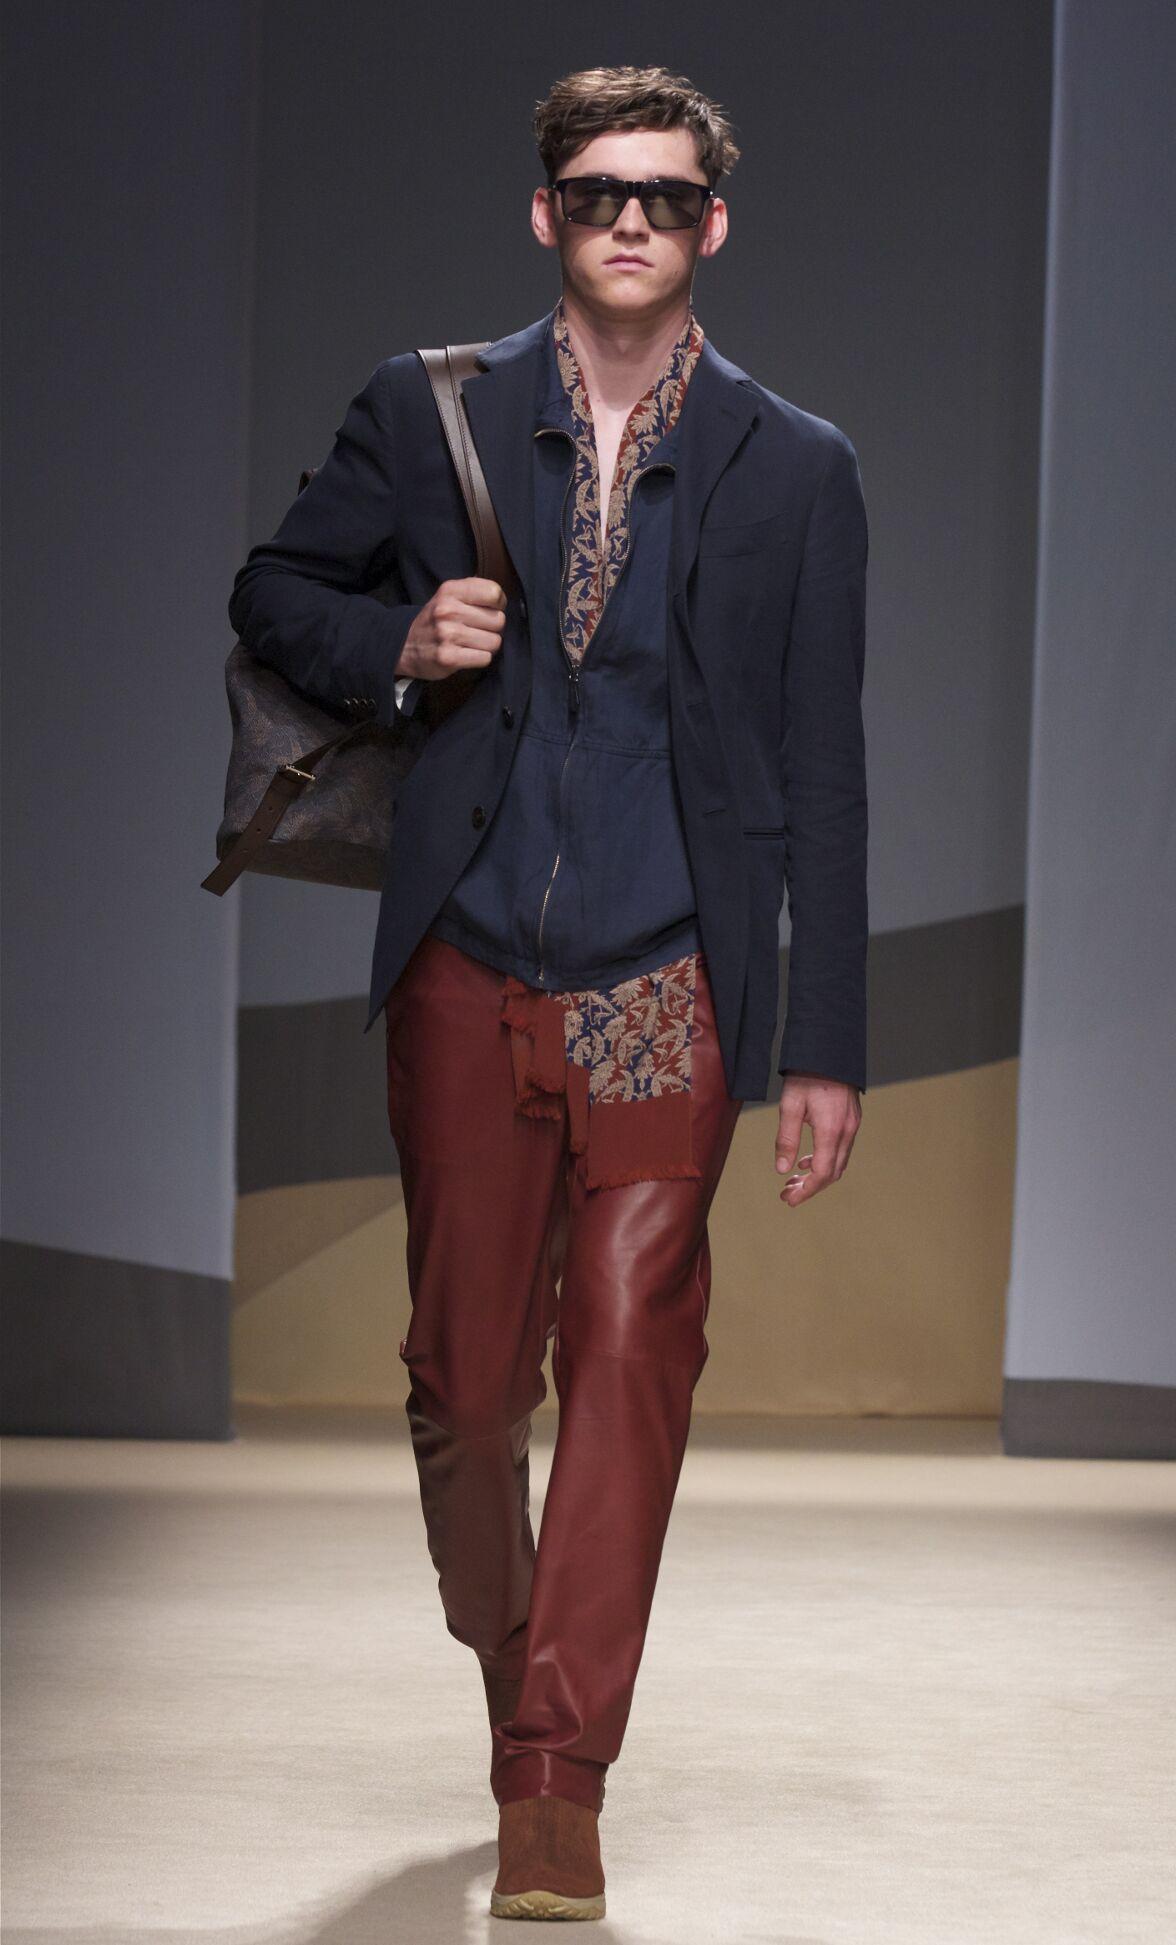 Catwalk Trussardi Man Fashion Show Summer 2014